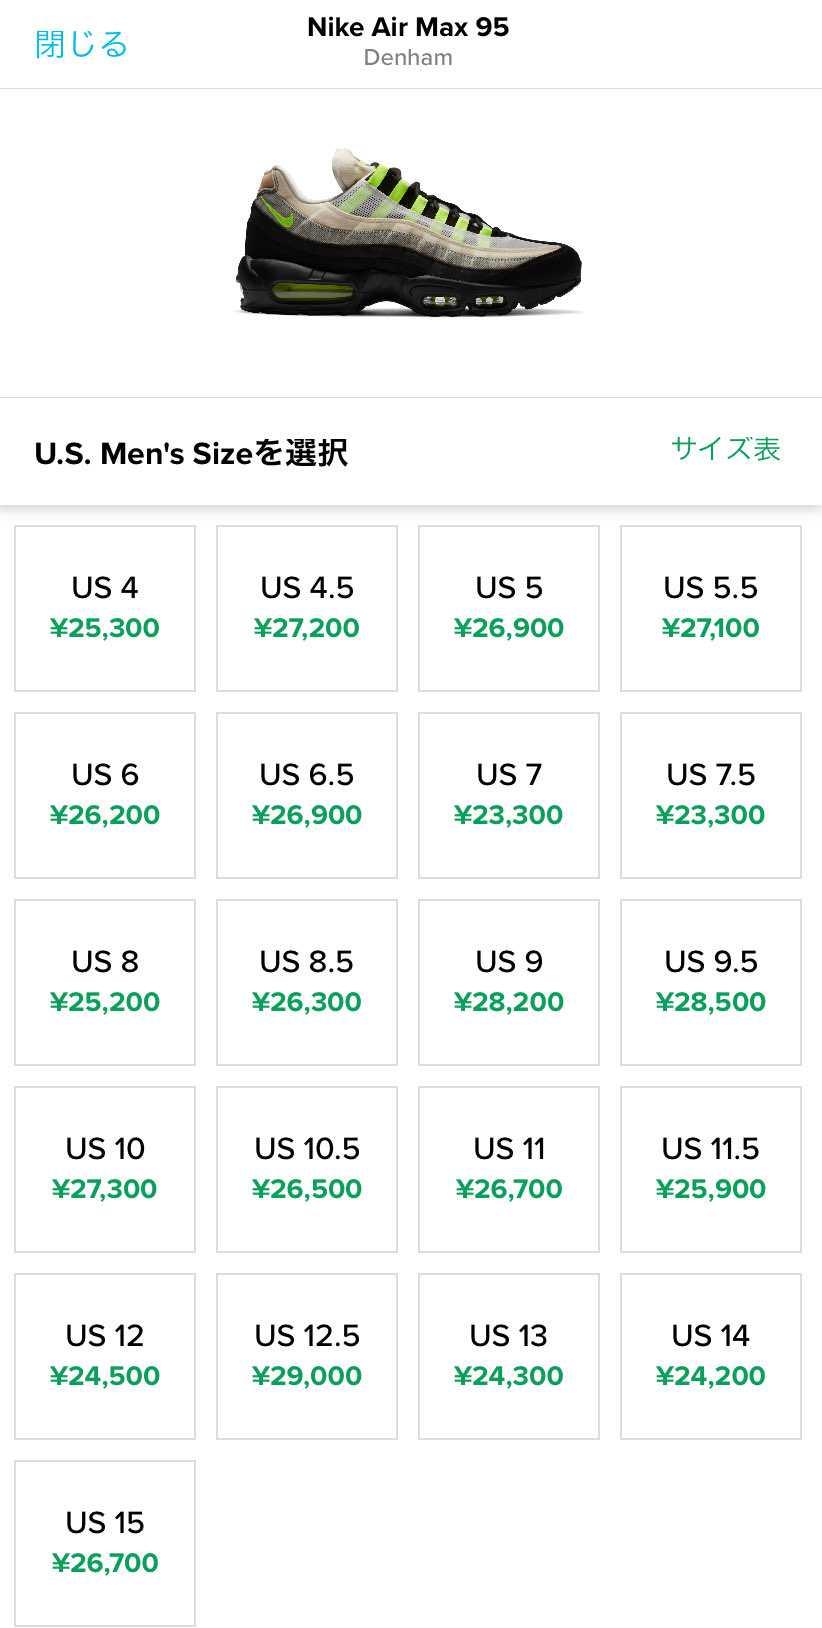 海外では相場下がってます   日本でも相場変動が起こるのでは?